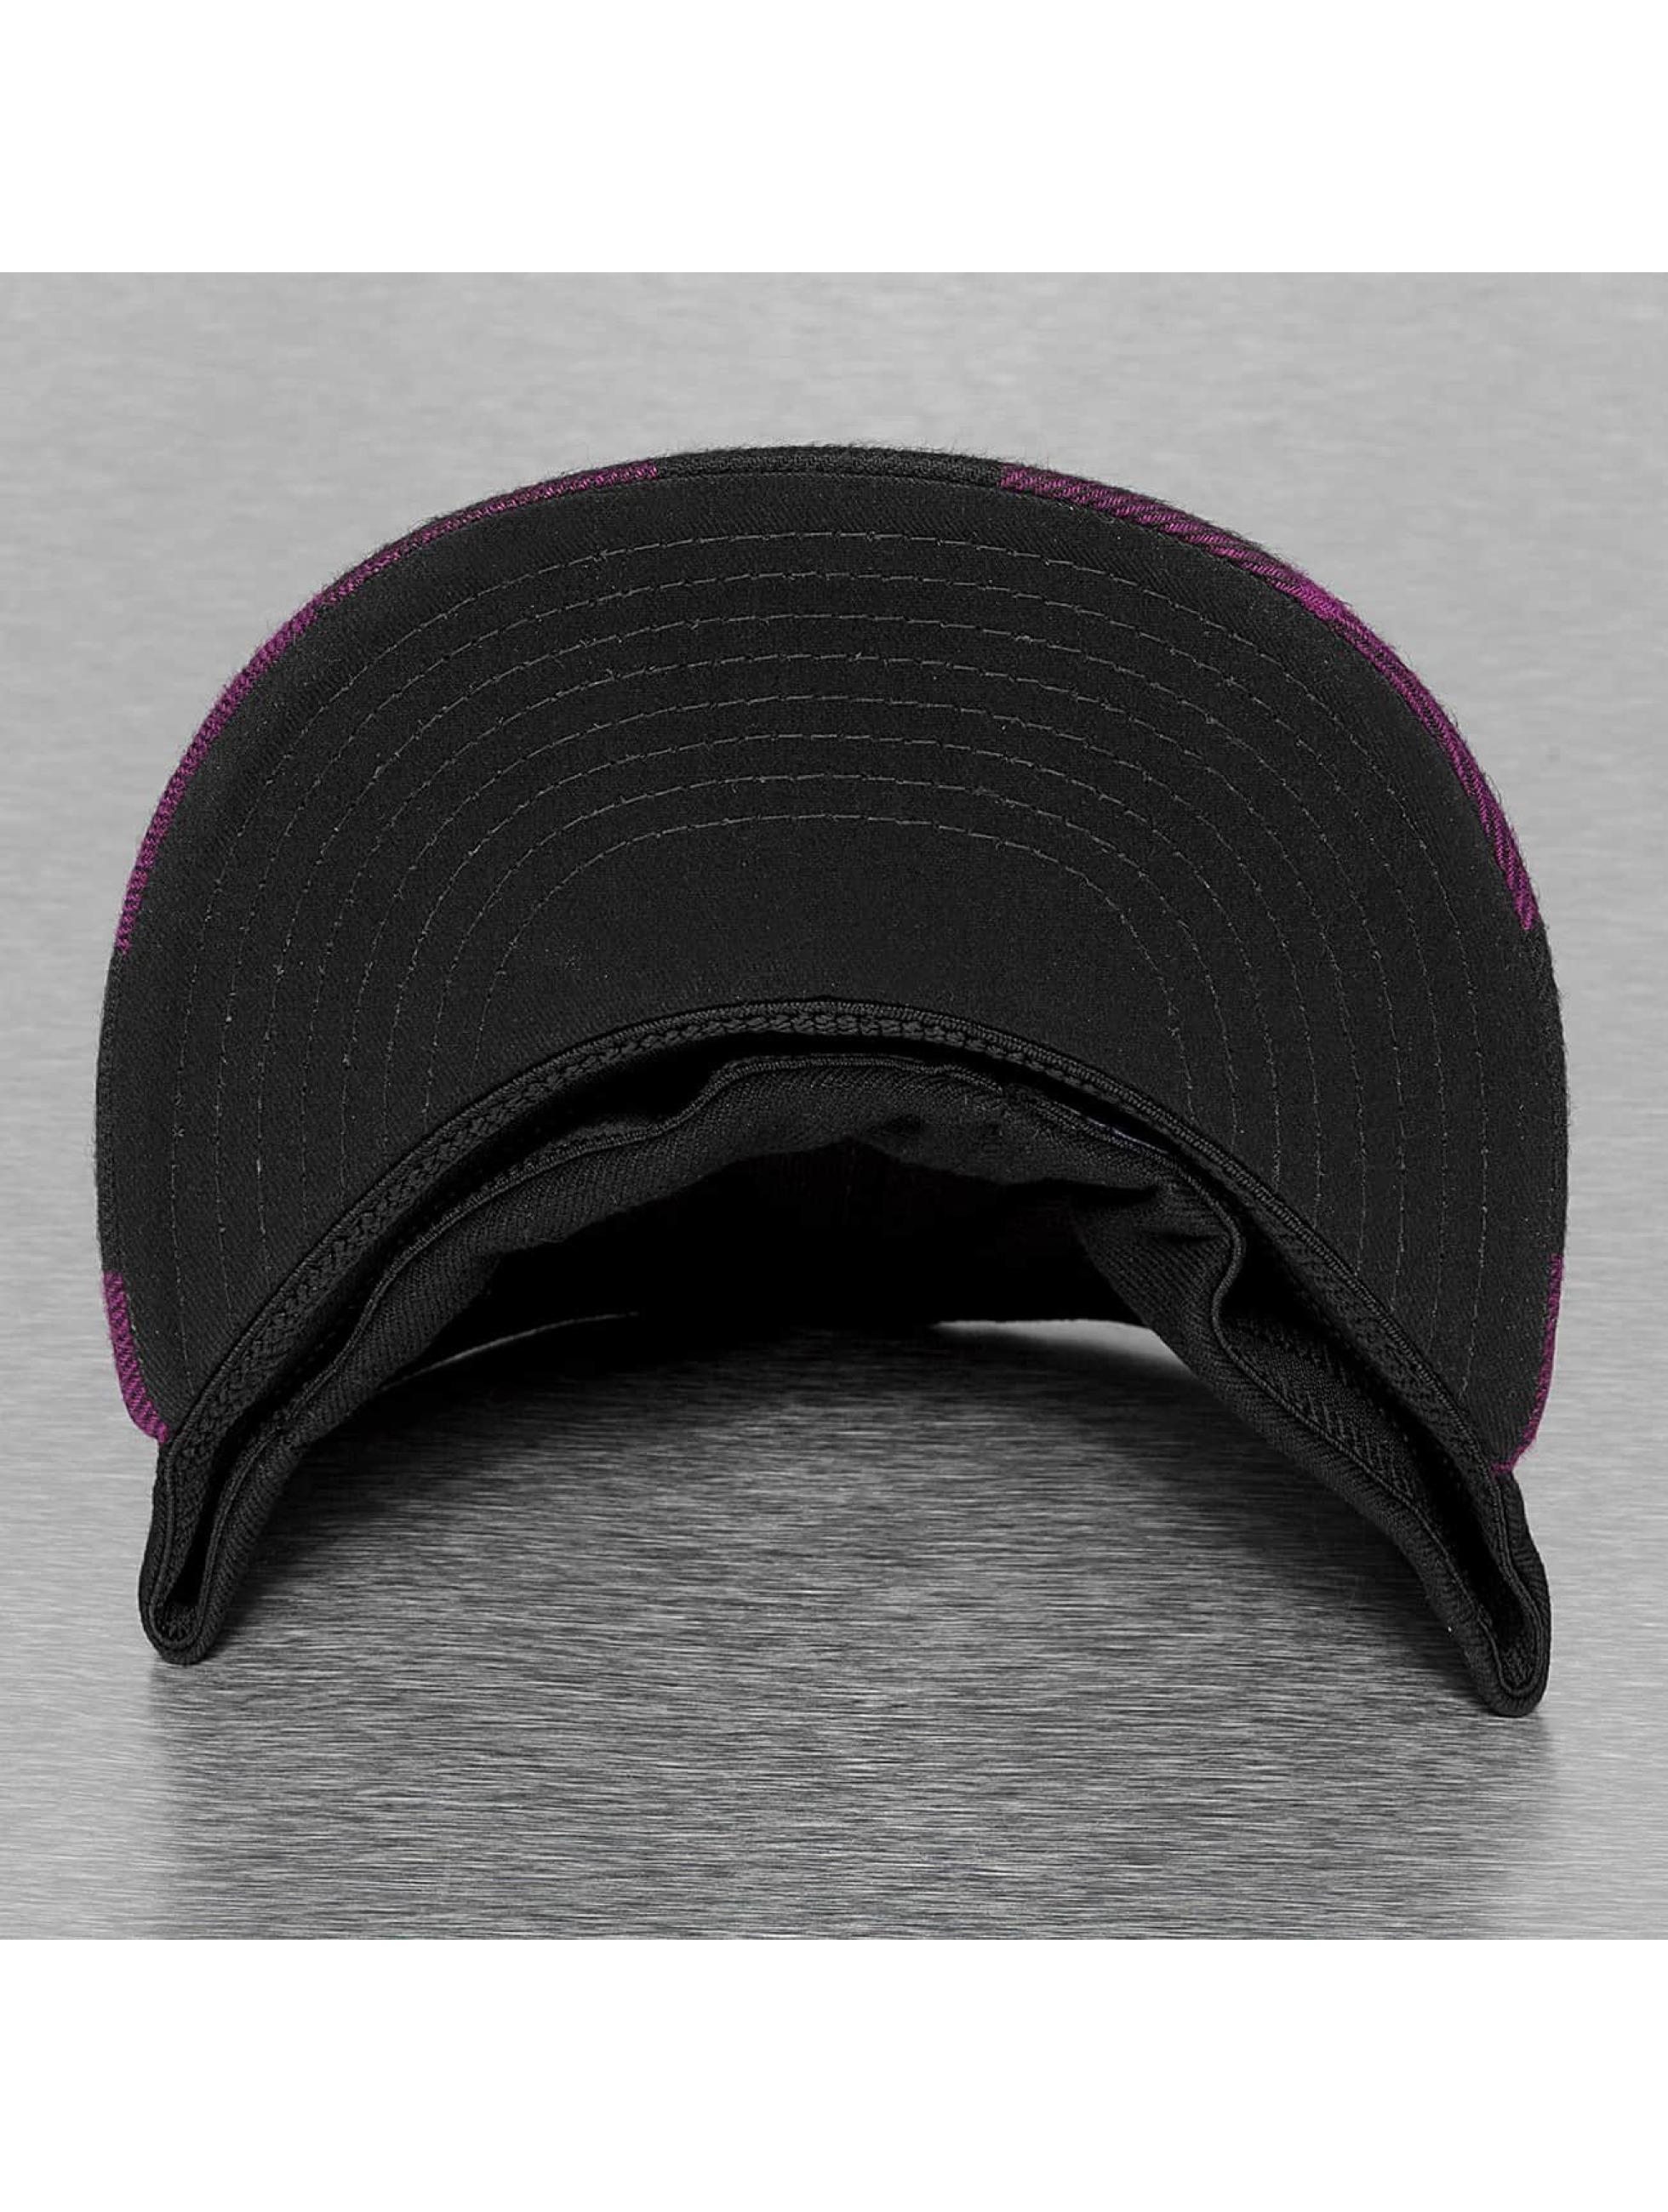 Decky USA Бейсболкa Flexfit Flat Bill пурпурный